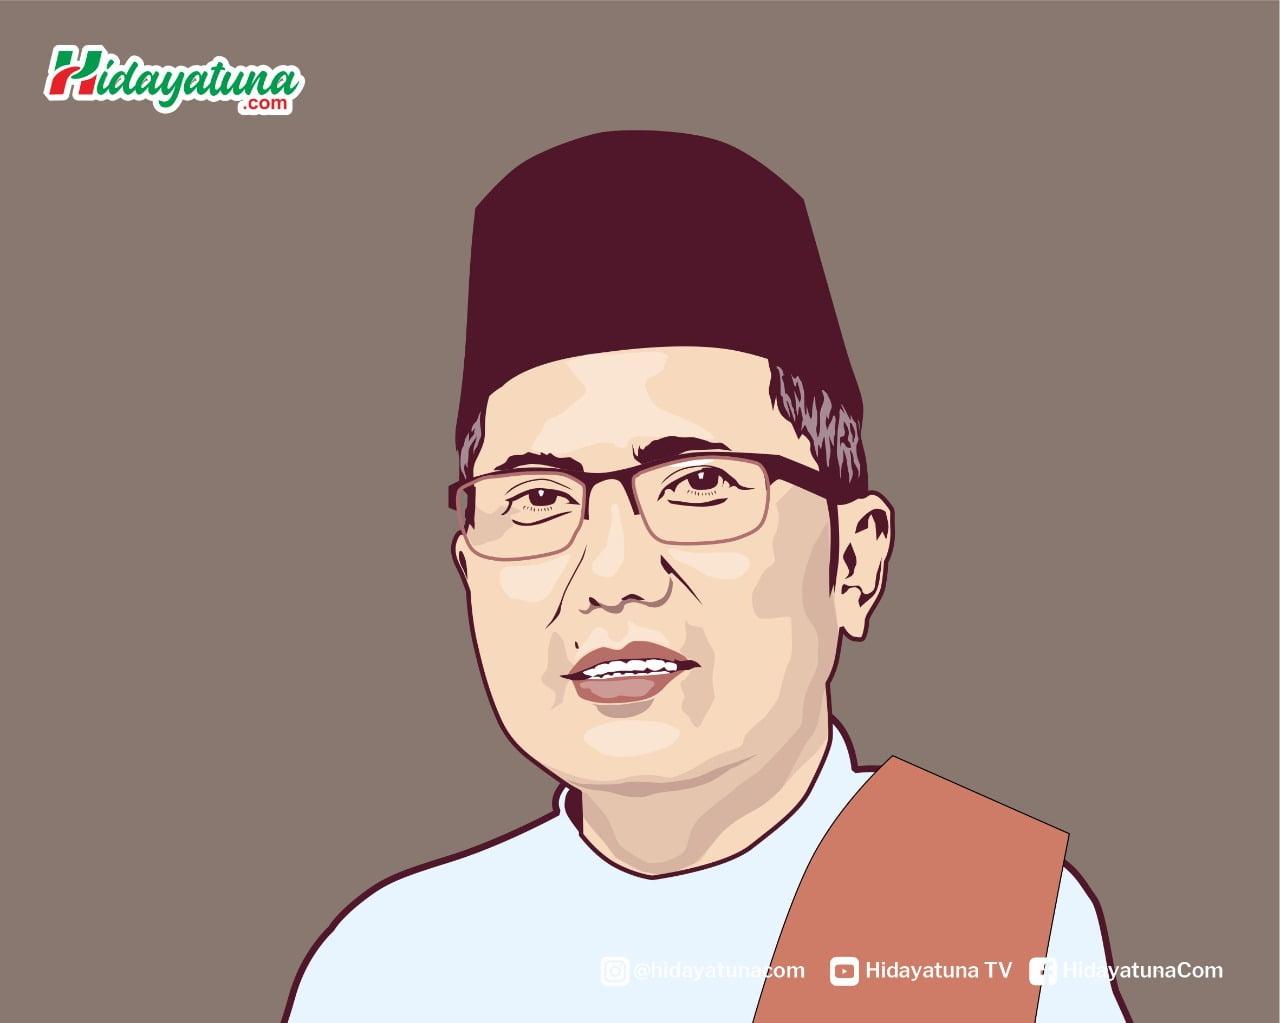 MUI Tanggapi Insiden Pembakaran Mimbar Masjid di Makassar (Ilustrasi/Hidayatuna)